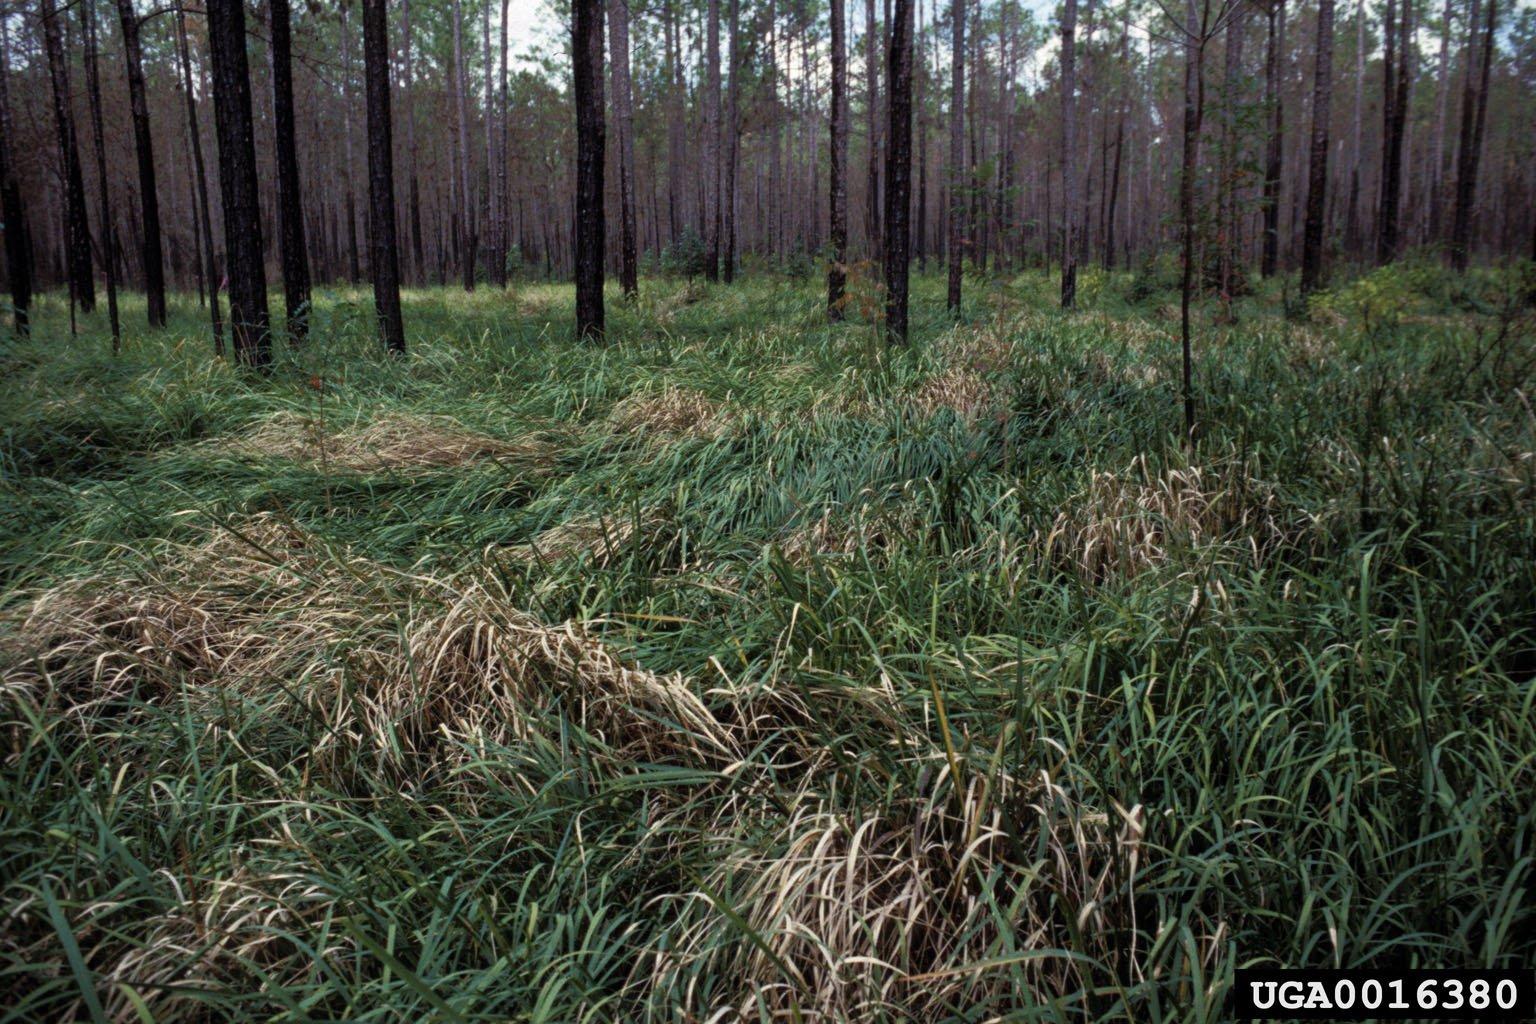 cogon grass leaning mat